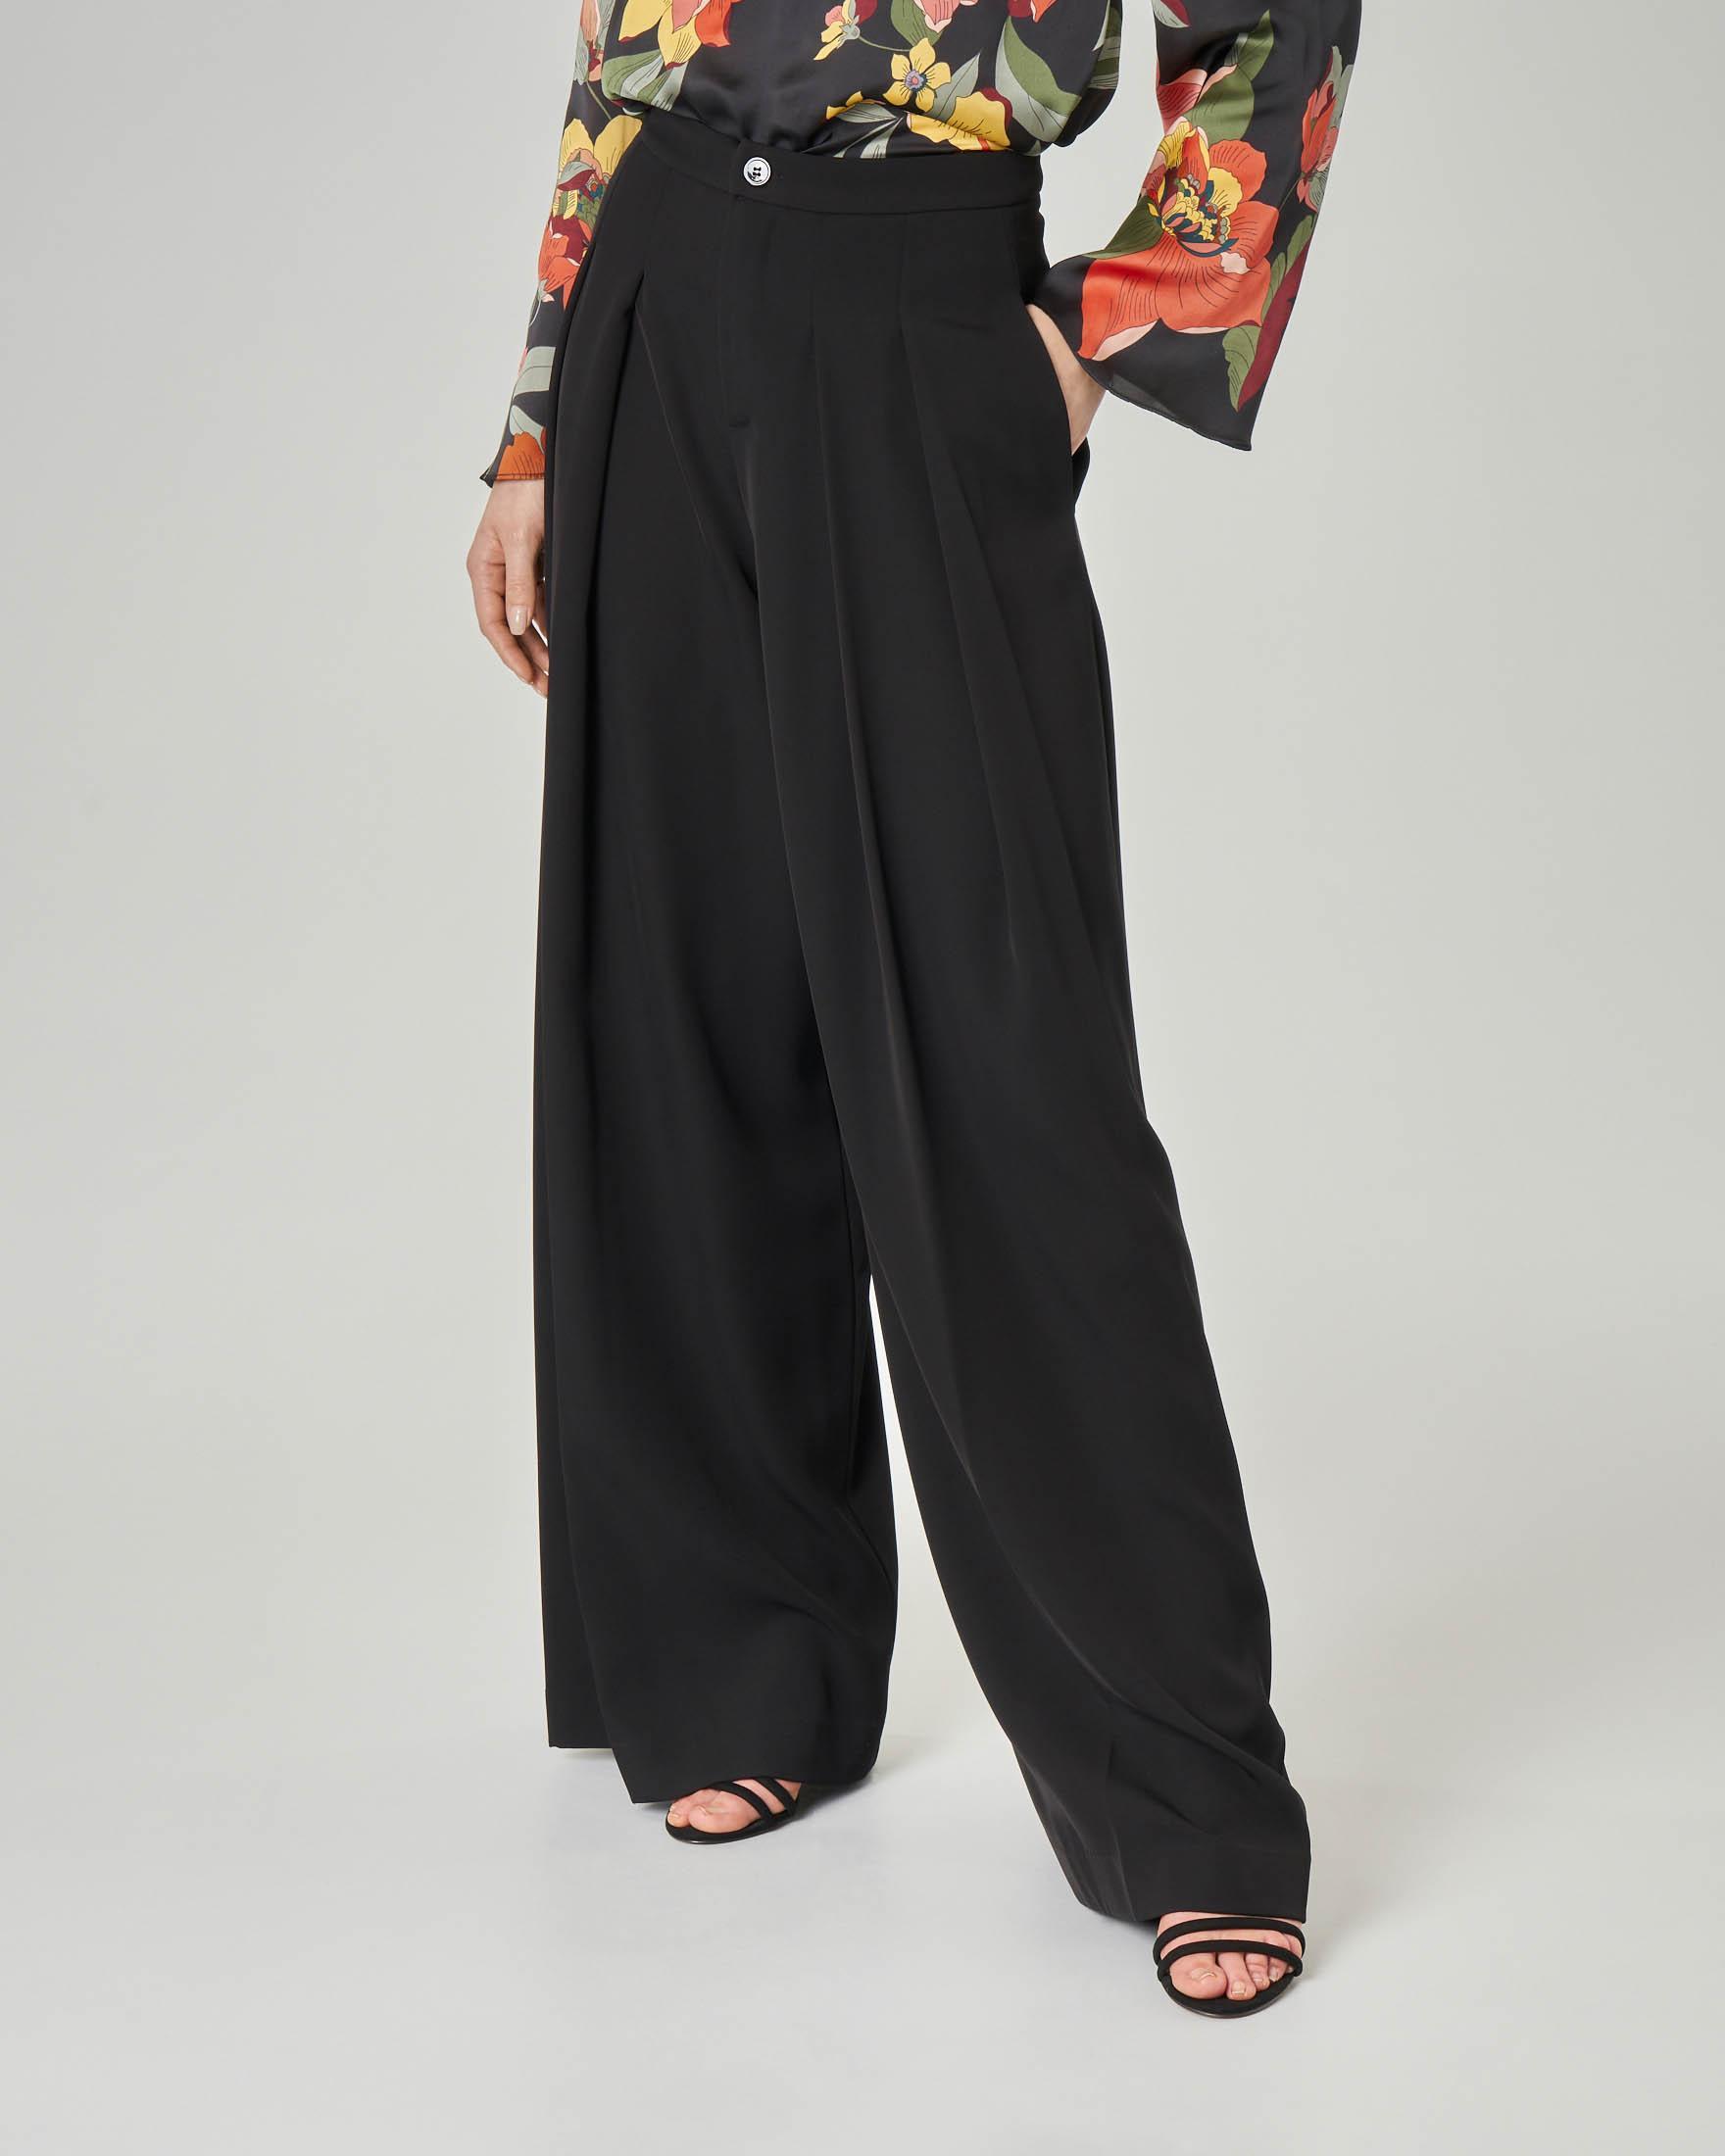 Pantalone palazzo nero in cady con doppia pince